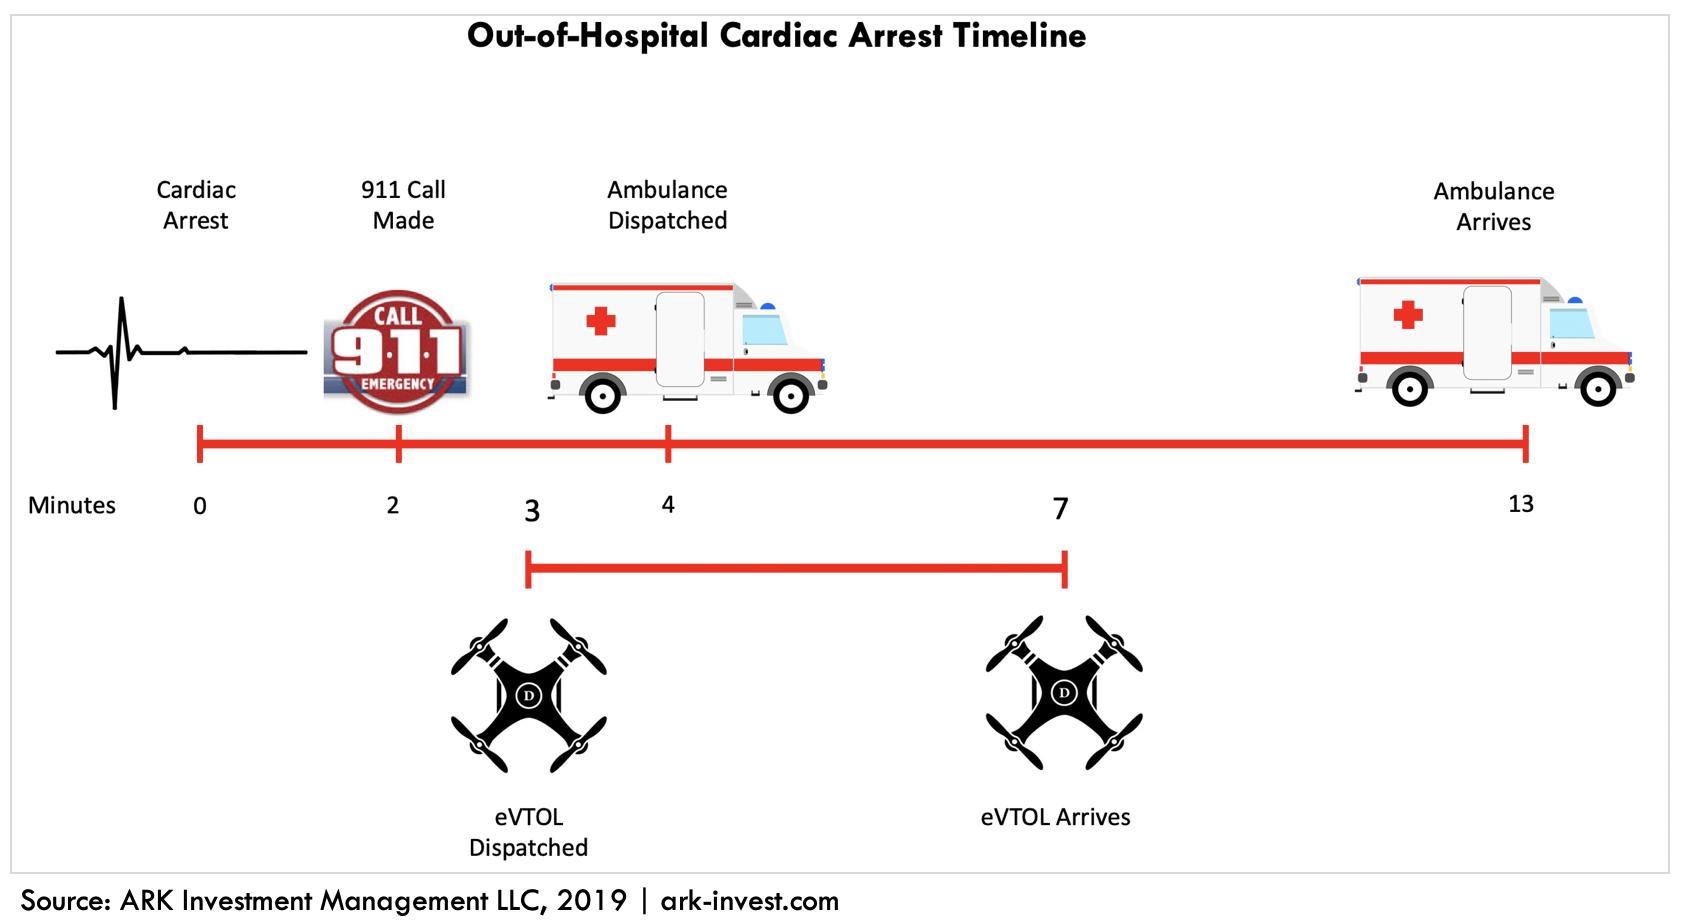 ARK Invest eVTOL Cardia Arrest Timeline